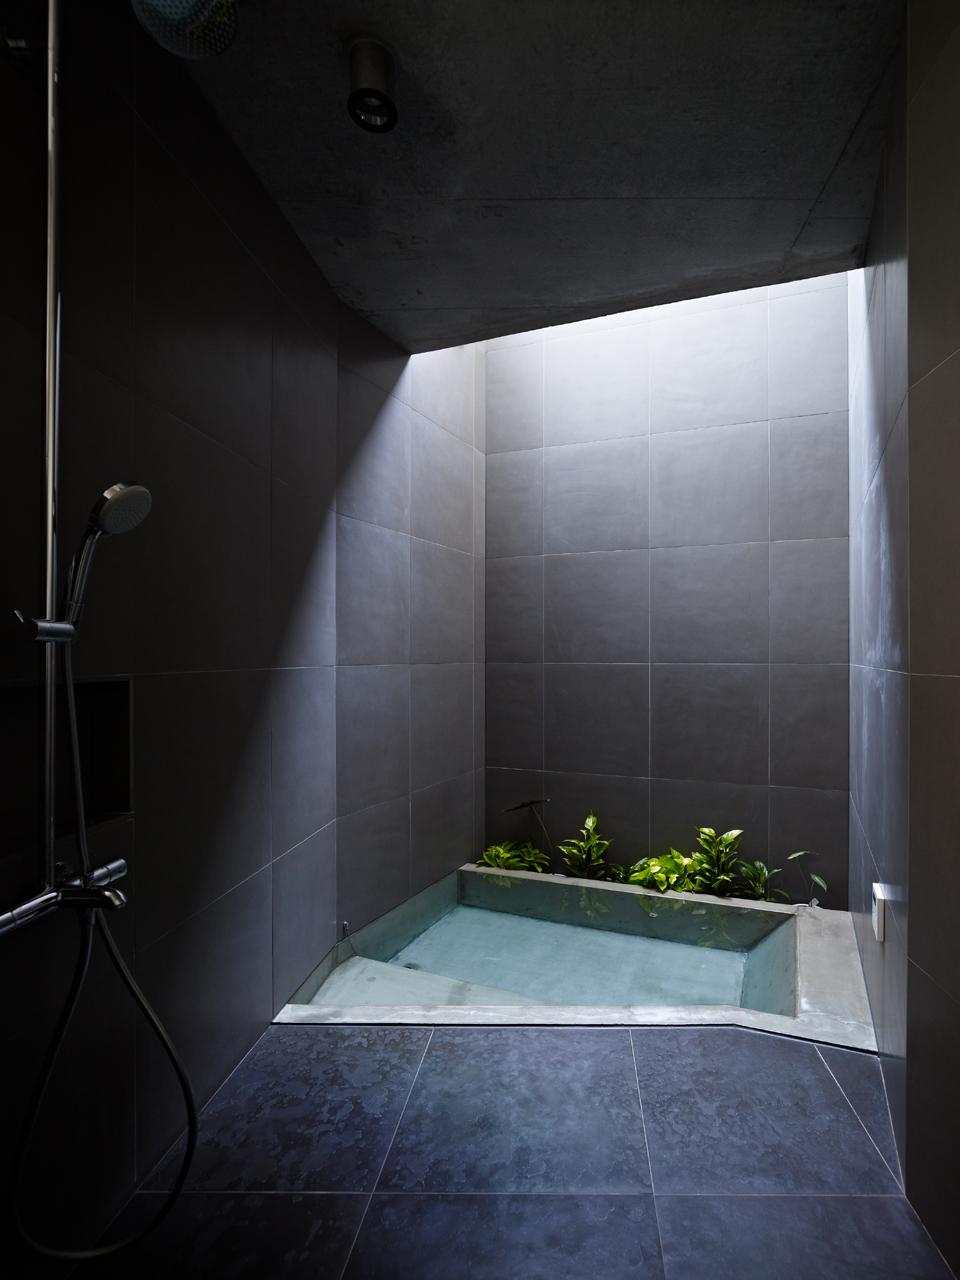 Gallery of sky garden house keiji ashizawa design 7 for Bathroom decor garden tub